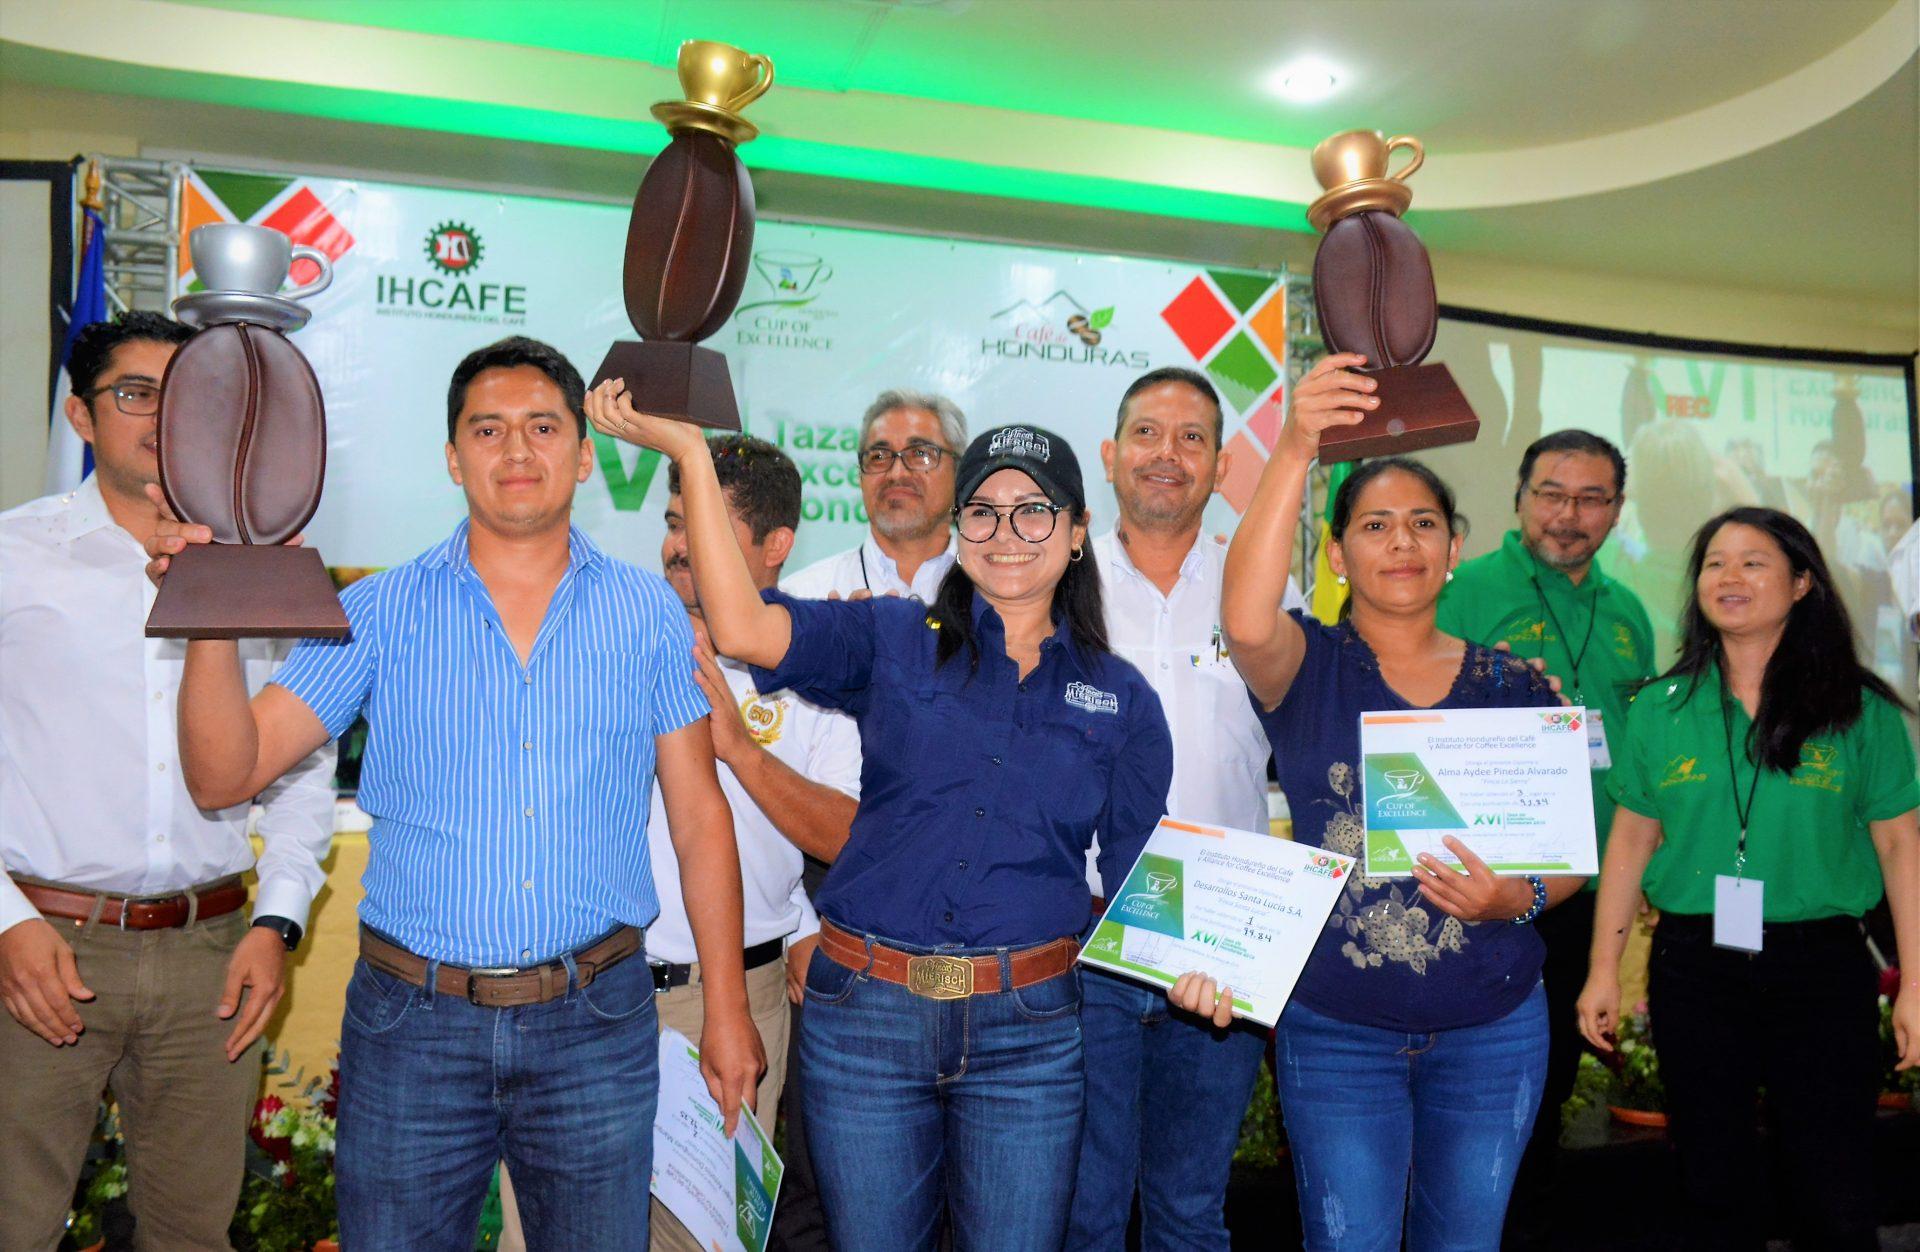 XIV Taza de Excelencia Honduras 2019, dedicada al descubrimiento del mejor café de Honduras